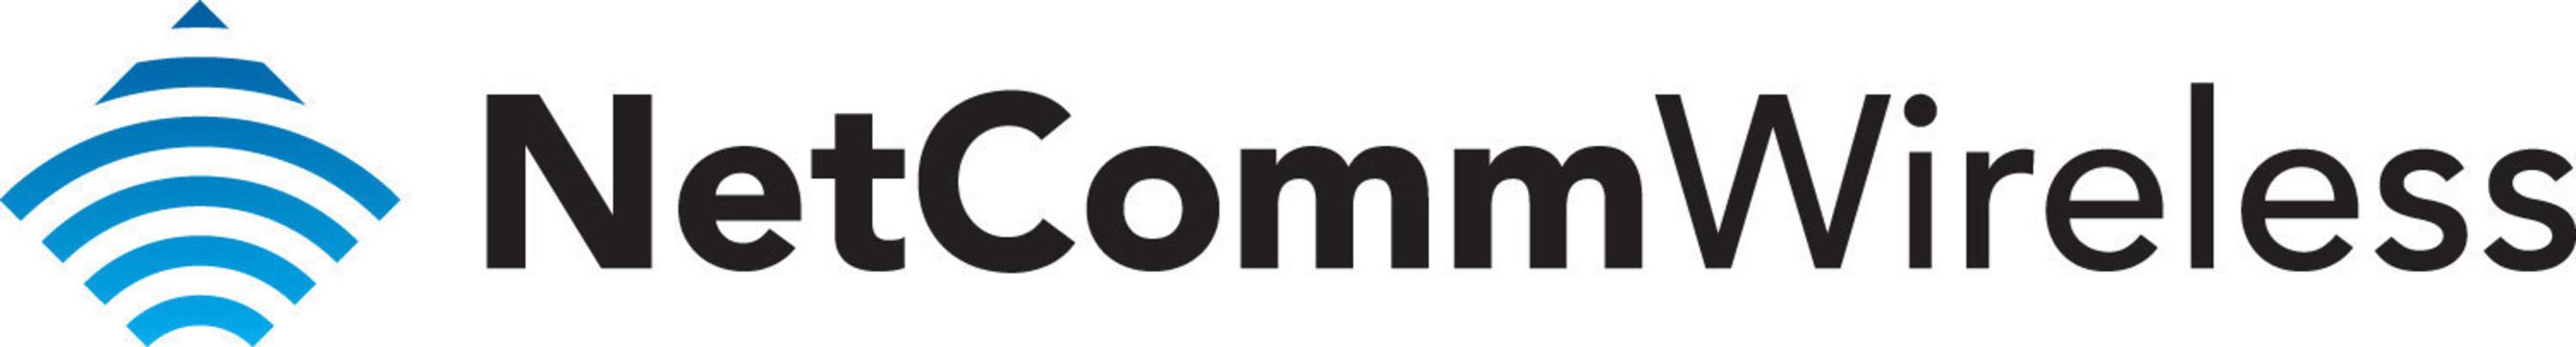 NetComm Wireless continúa su expansión global con operadores líderes en M2M